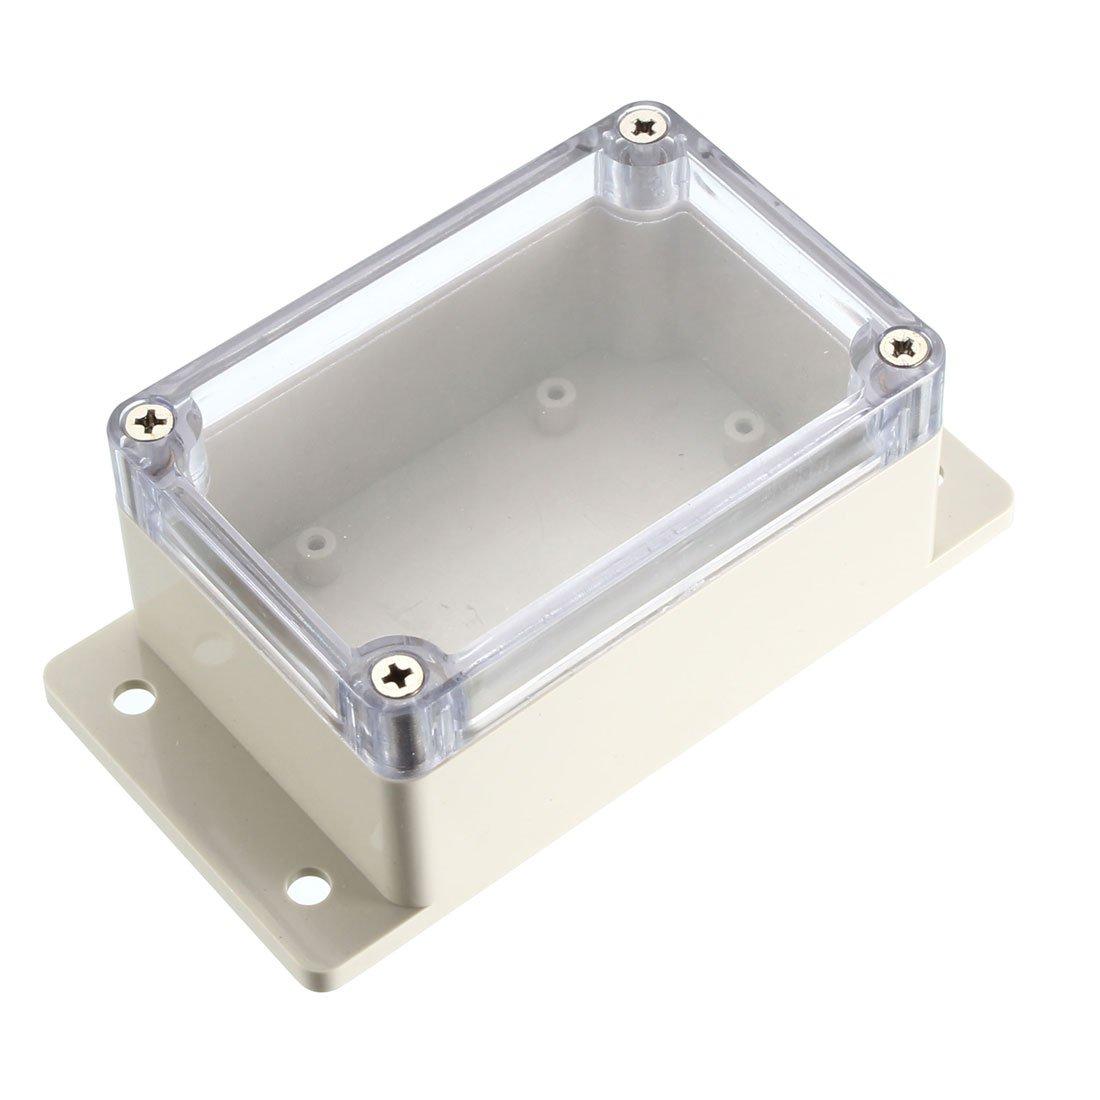 Sourcingmap/ /136/x 72/x 54/MM elettronico impermeabile IP65/sigillato involucro ABS plastica fai da te scatola di giunzione custodia trasparente